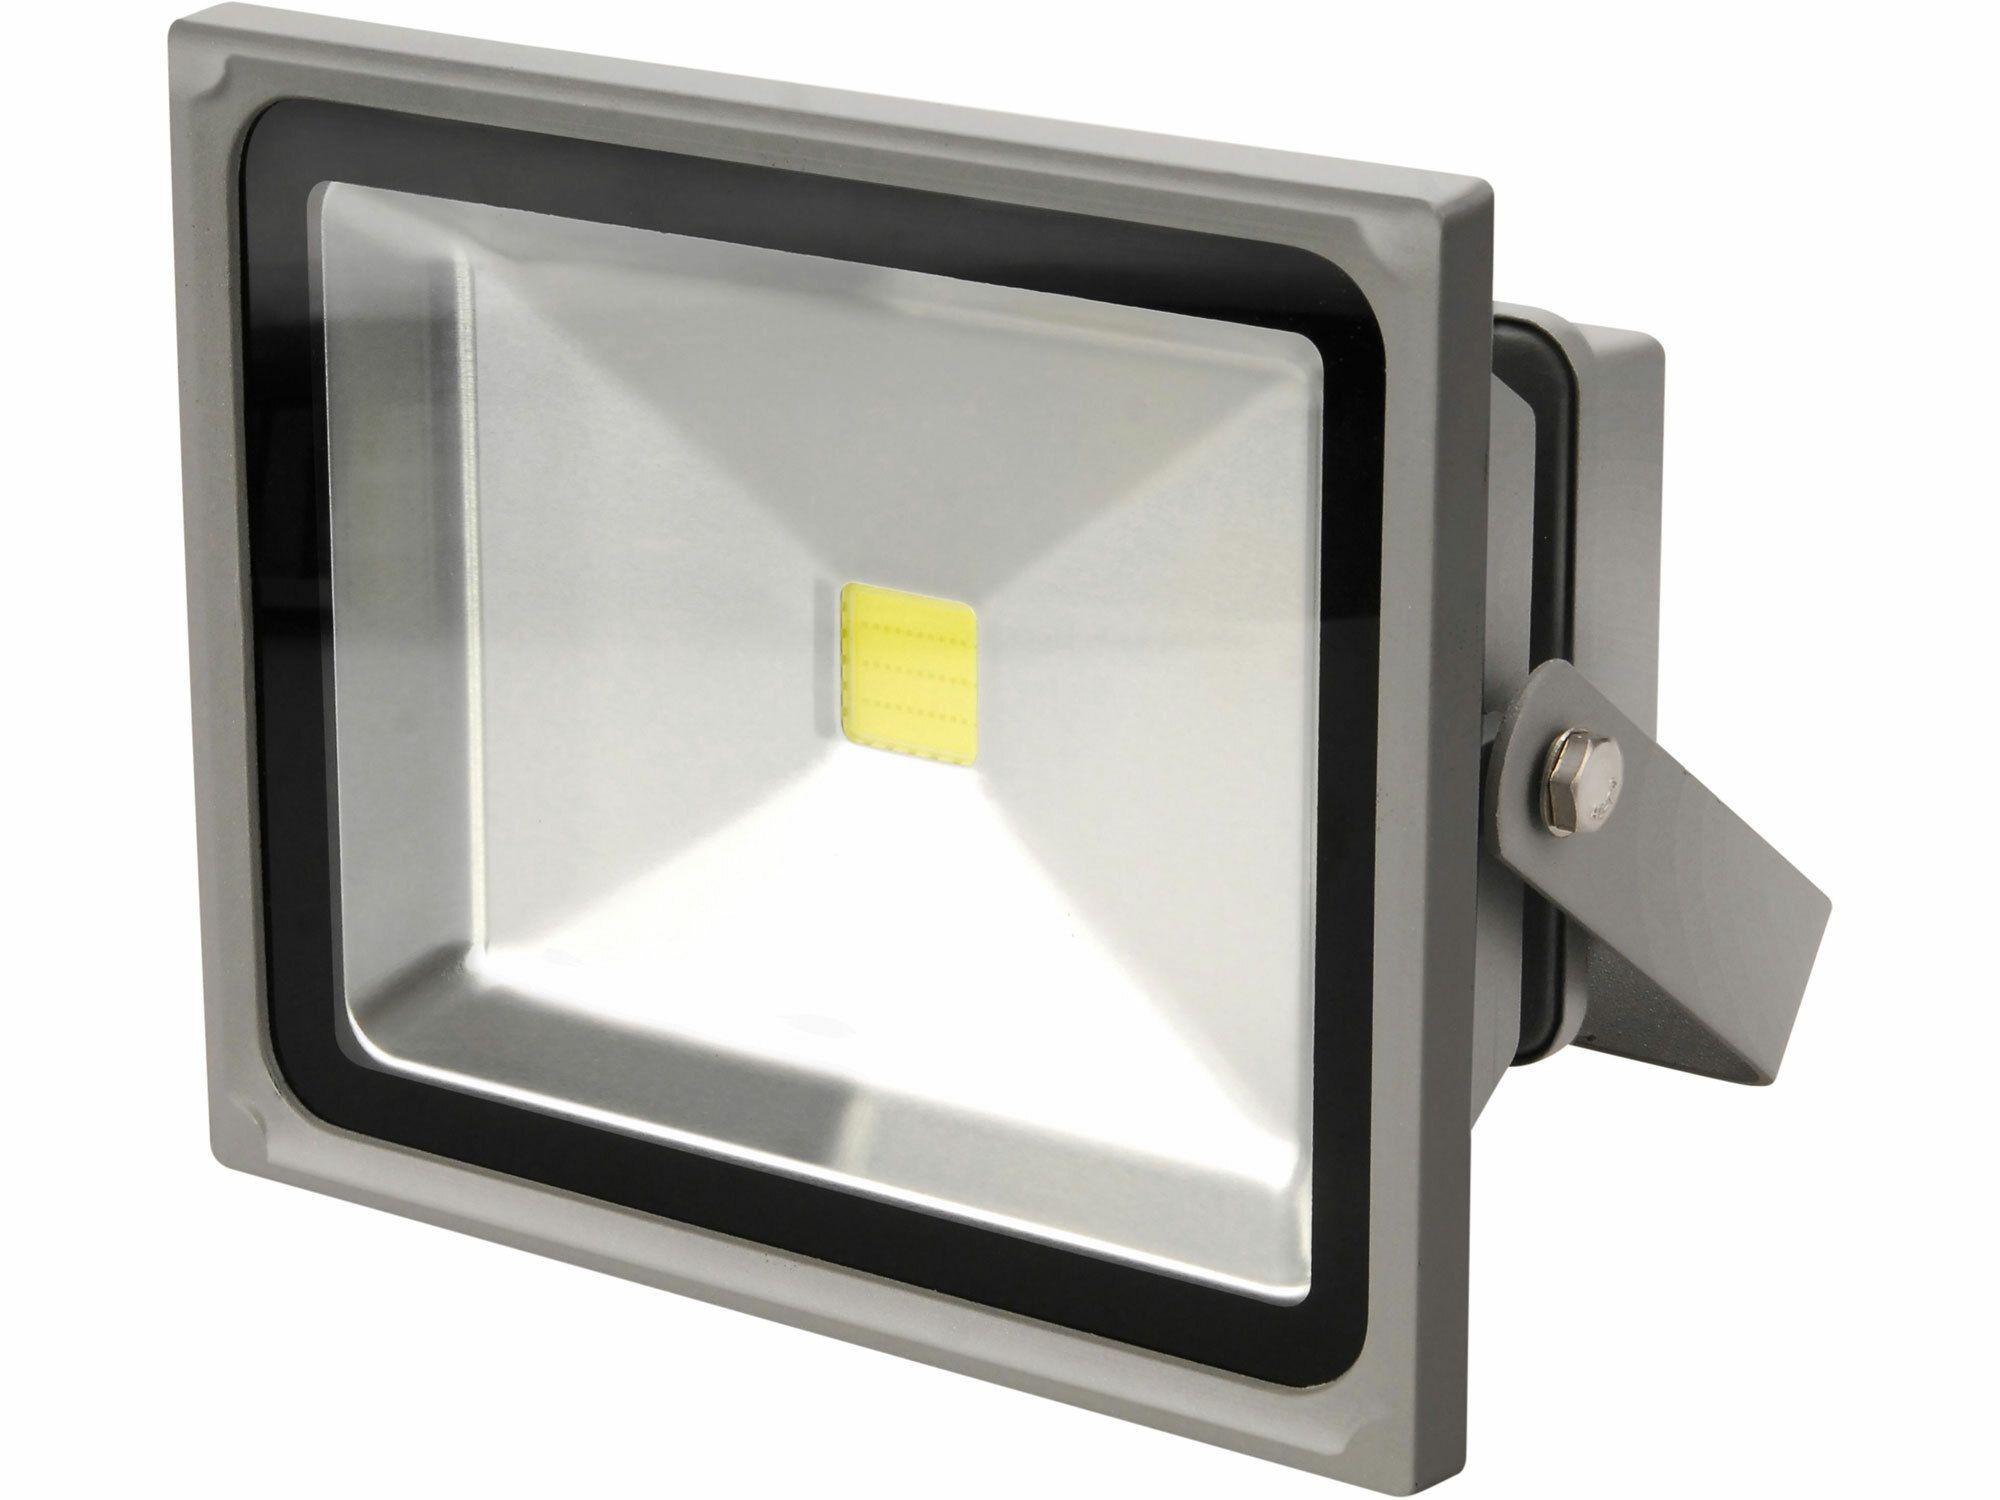 Reflektor LED, 30W, 2600lm, denní světlo, IP65, 230V/50Hz, teplota chromatičnosti 6150K EXTOL-CRAFT